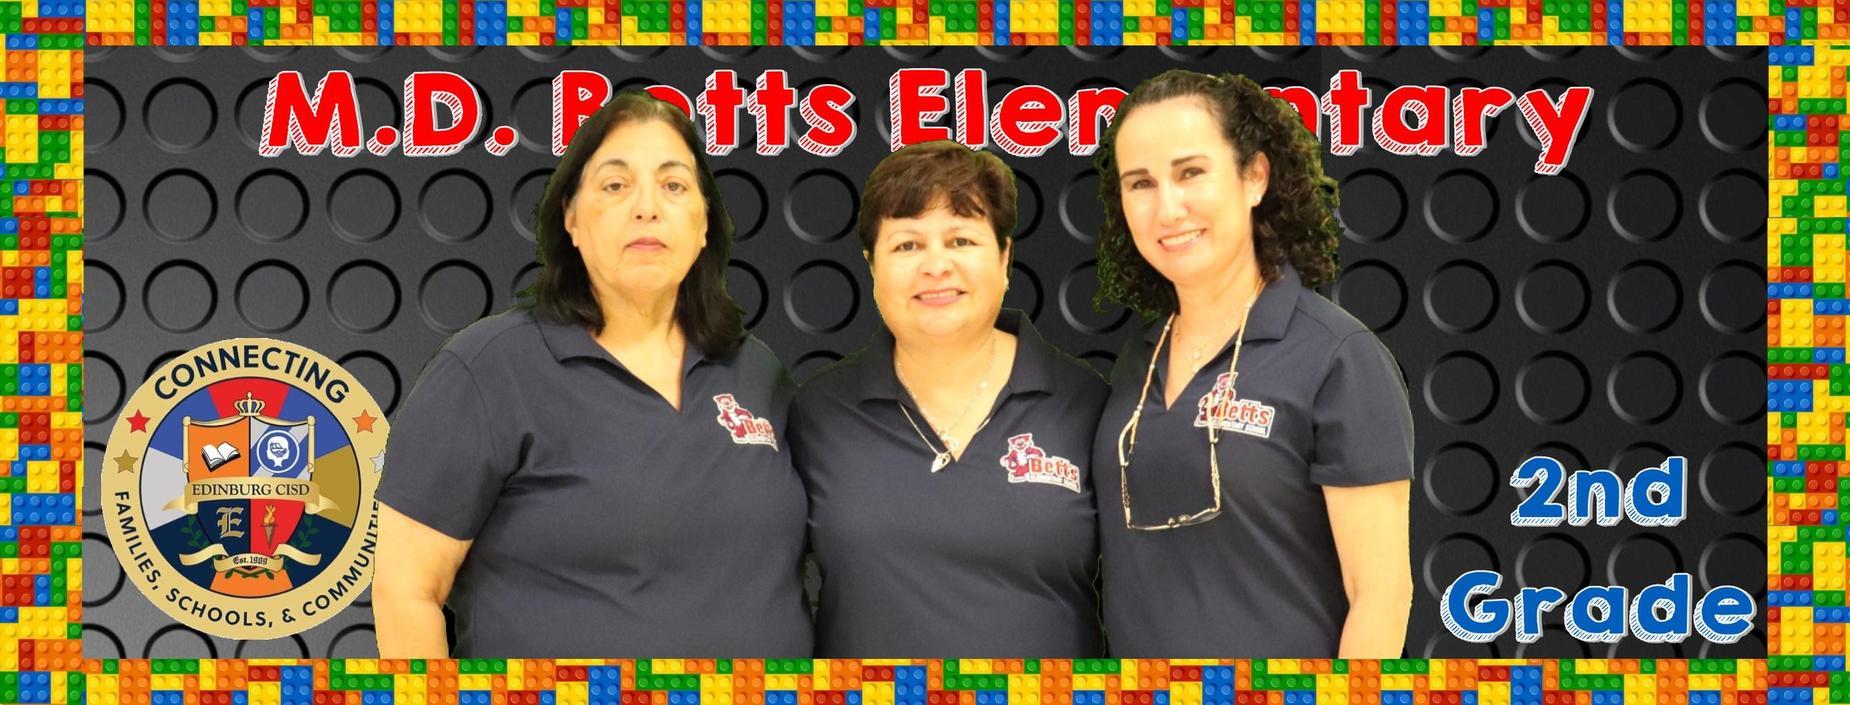 Image of 2nd grade staff